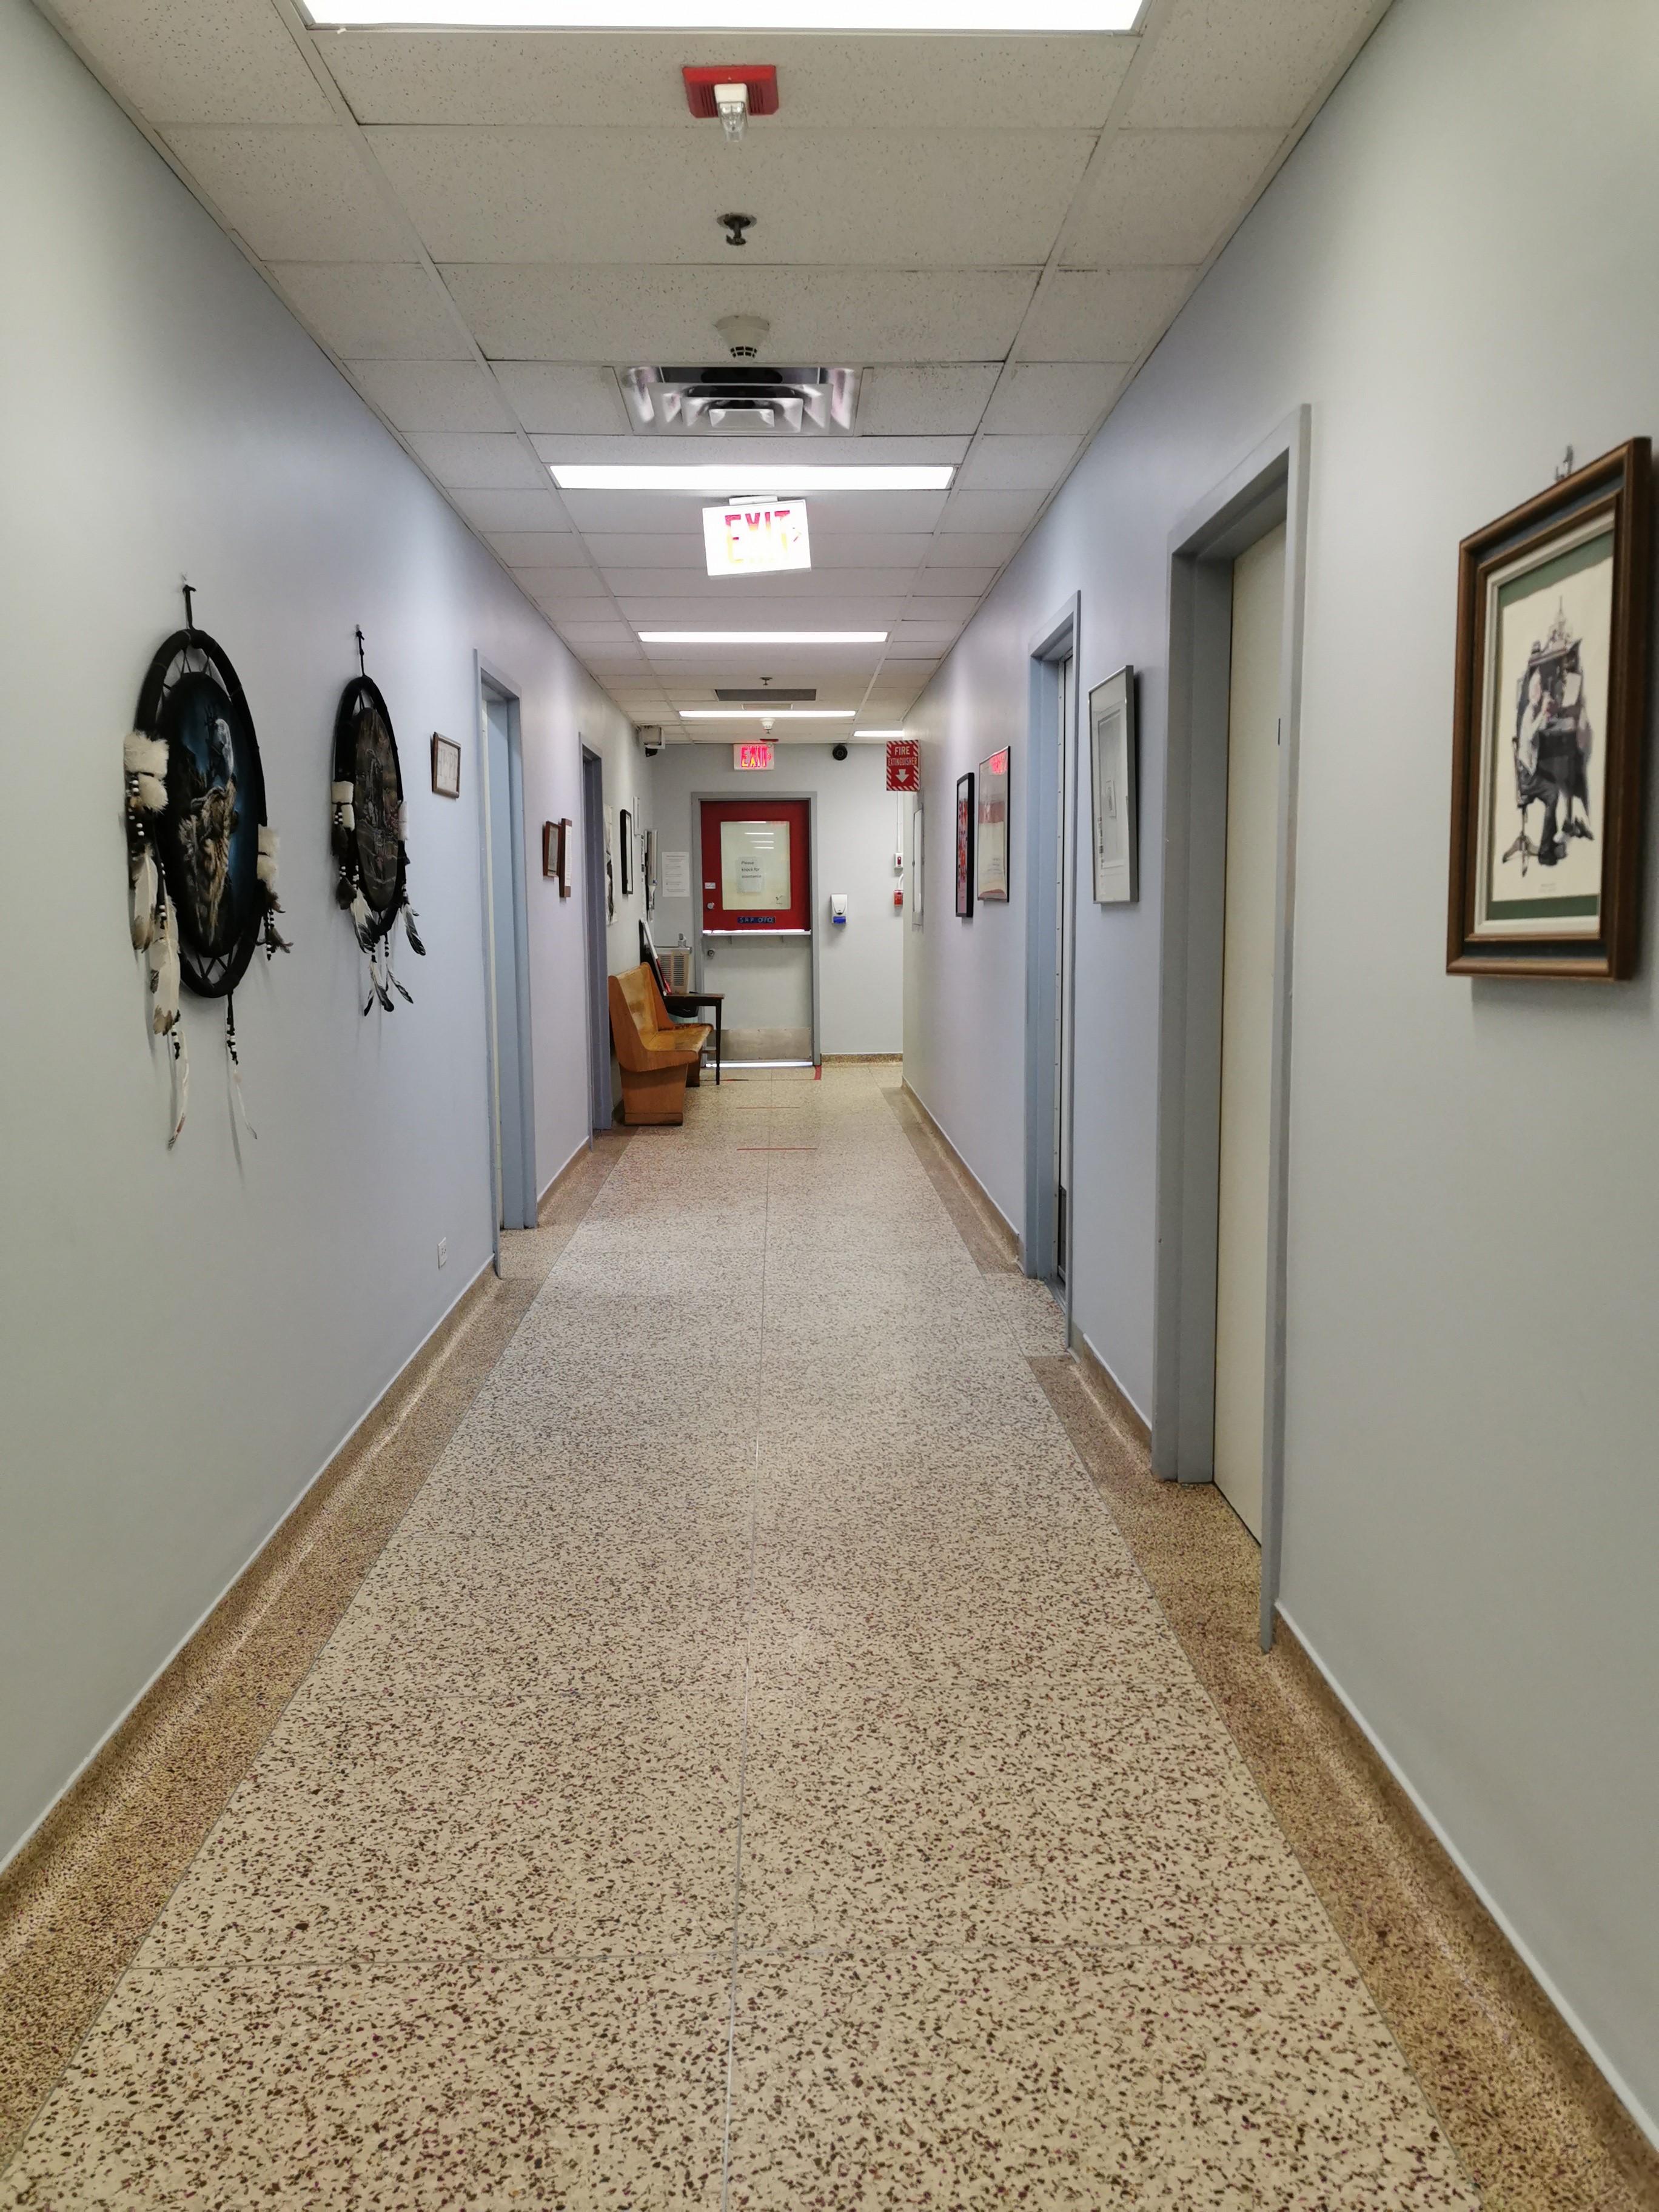 https://0901.nccdn.net/4_2/000/000/00a/0f6/SRP-Hallway-2.jpg